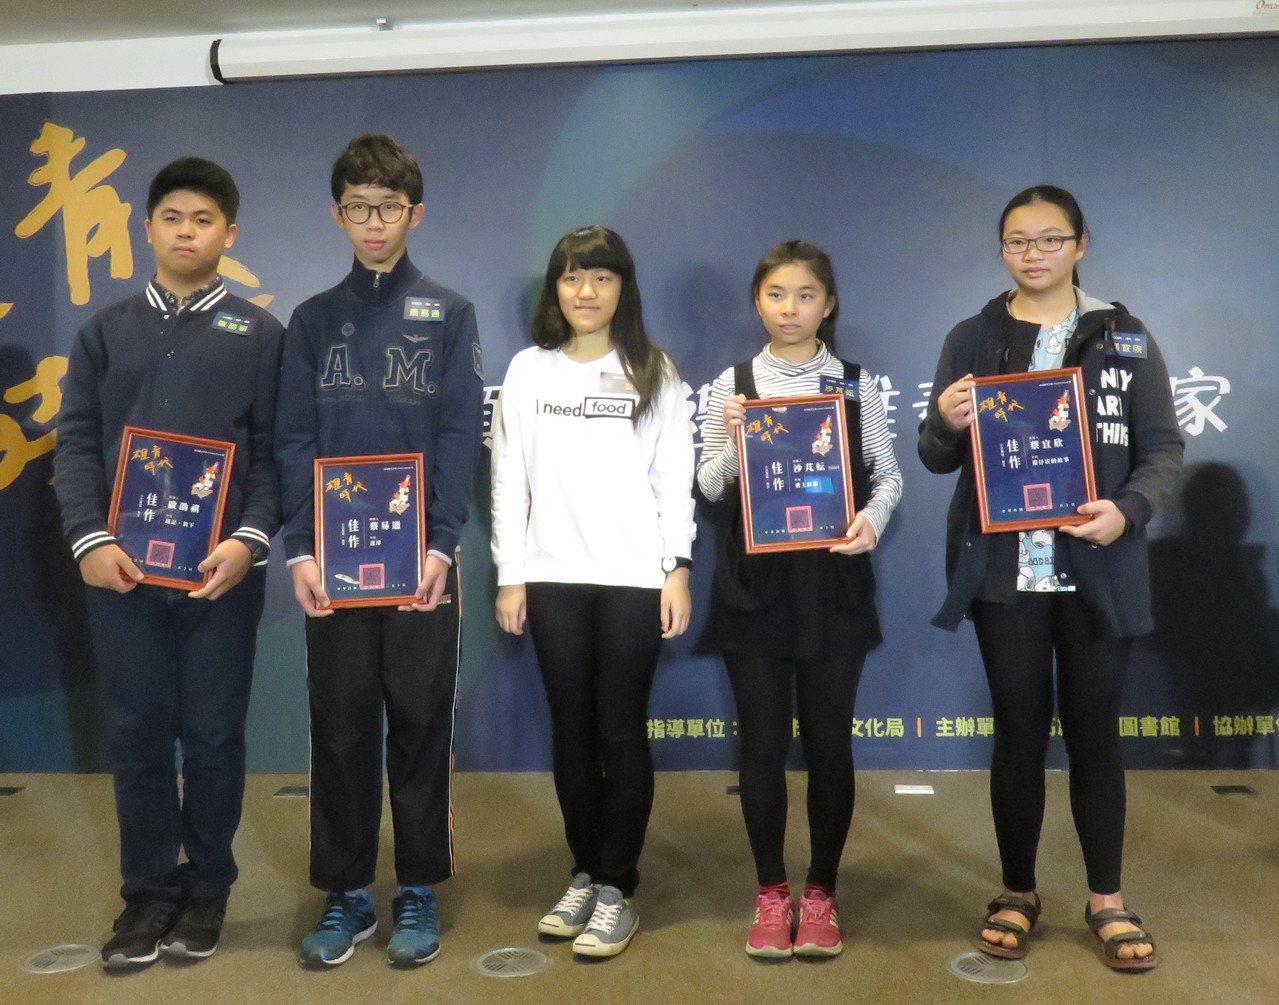 歐邵祺(左一)獲得106年高雄青年文學獎小文青組新詩和散文雙優選。圖/高市圖提供